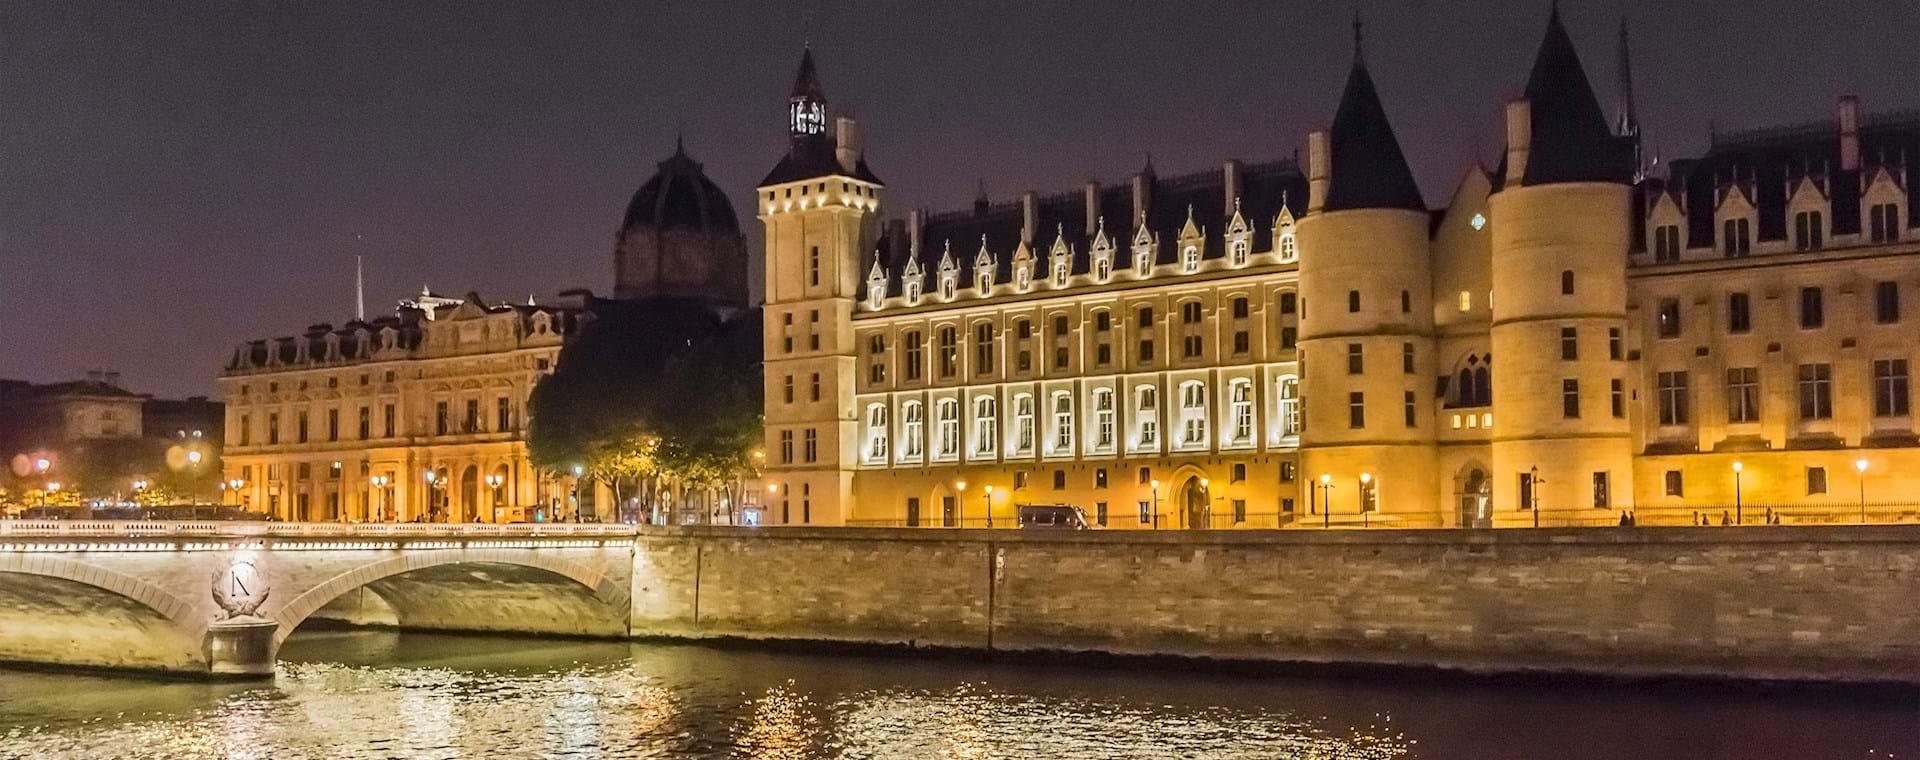 Paris Ghost, Legends & Mysteries Tour